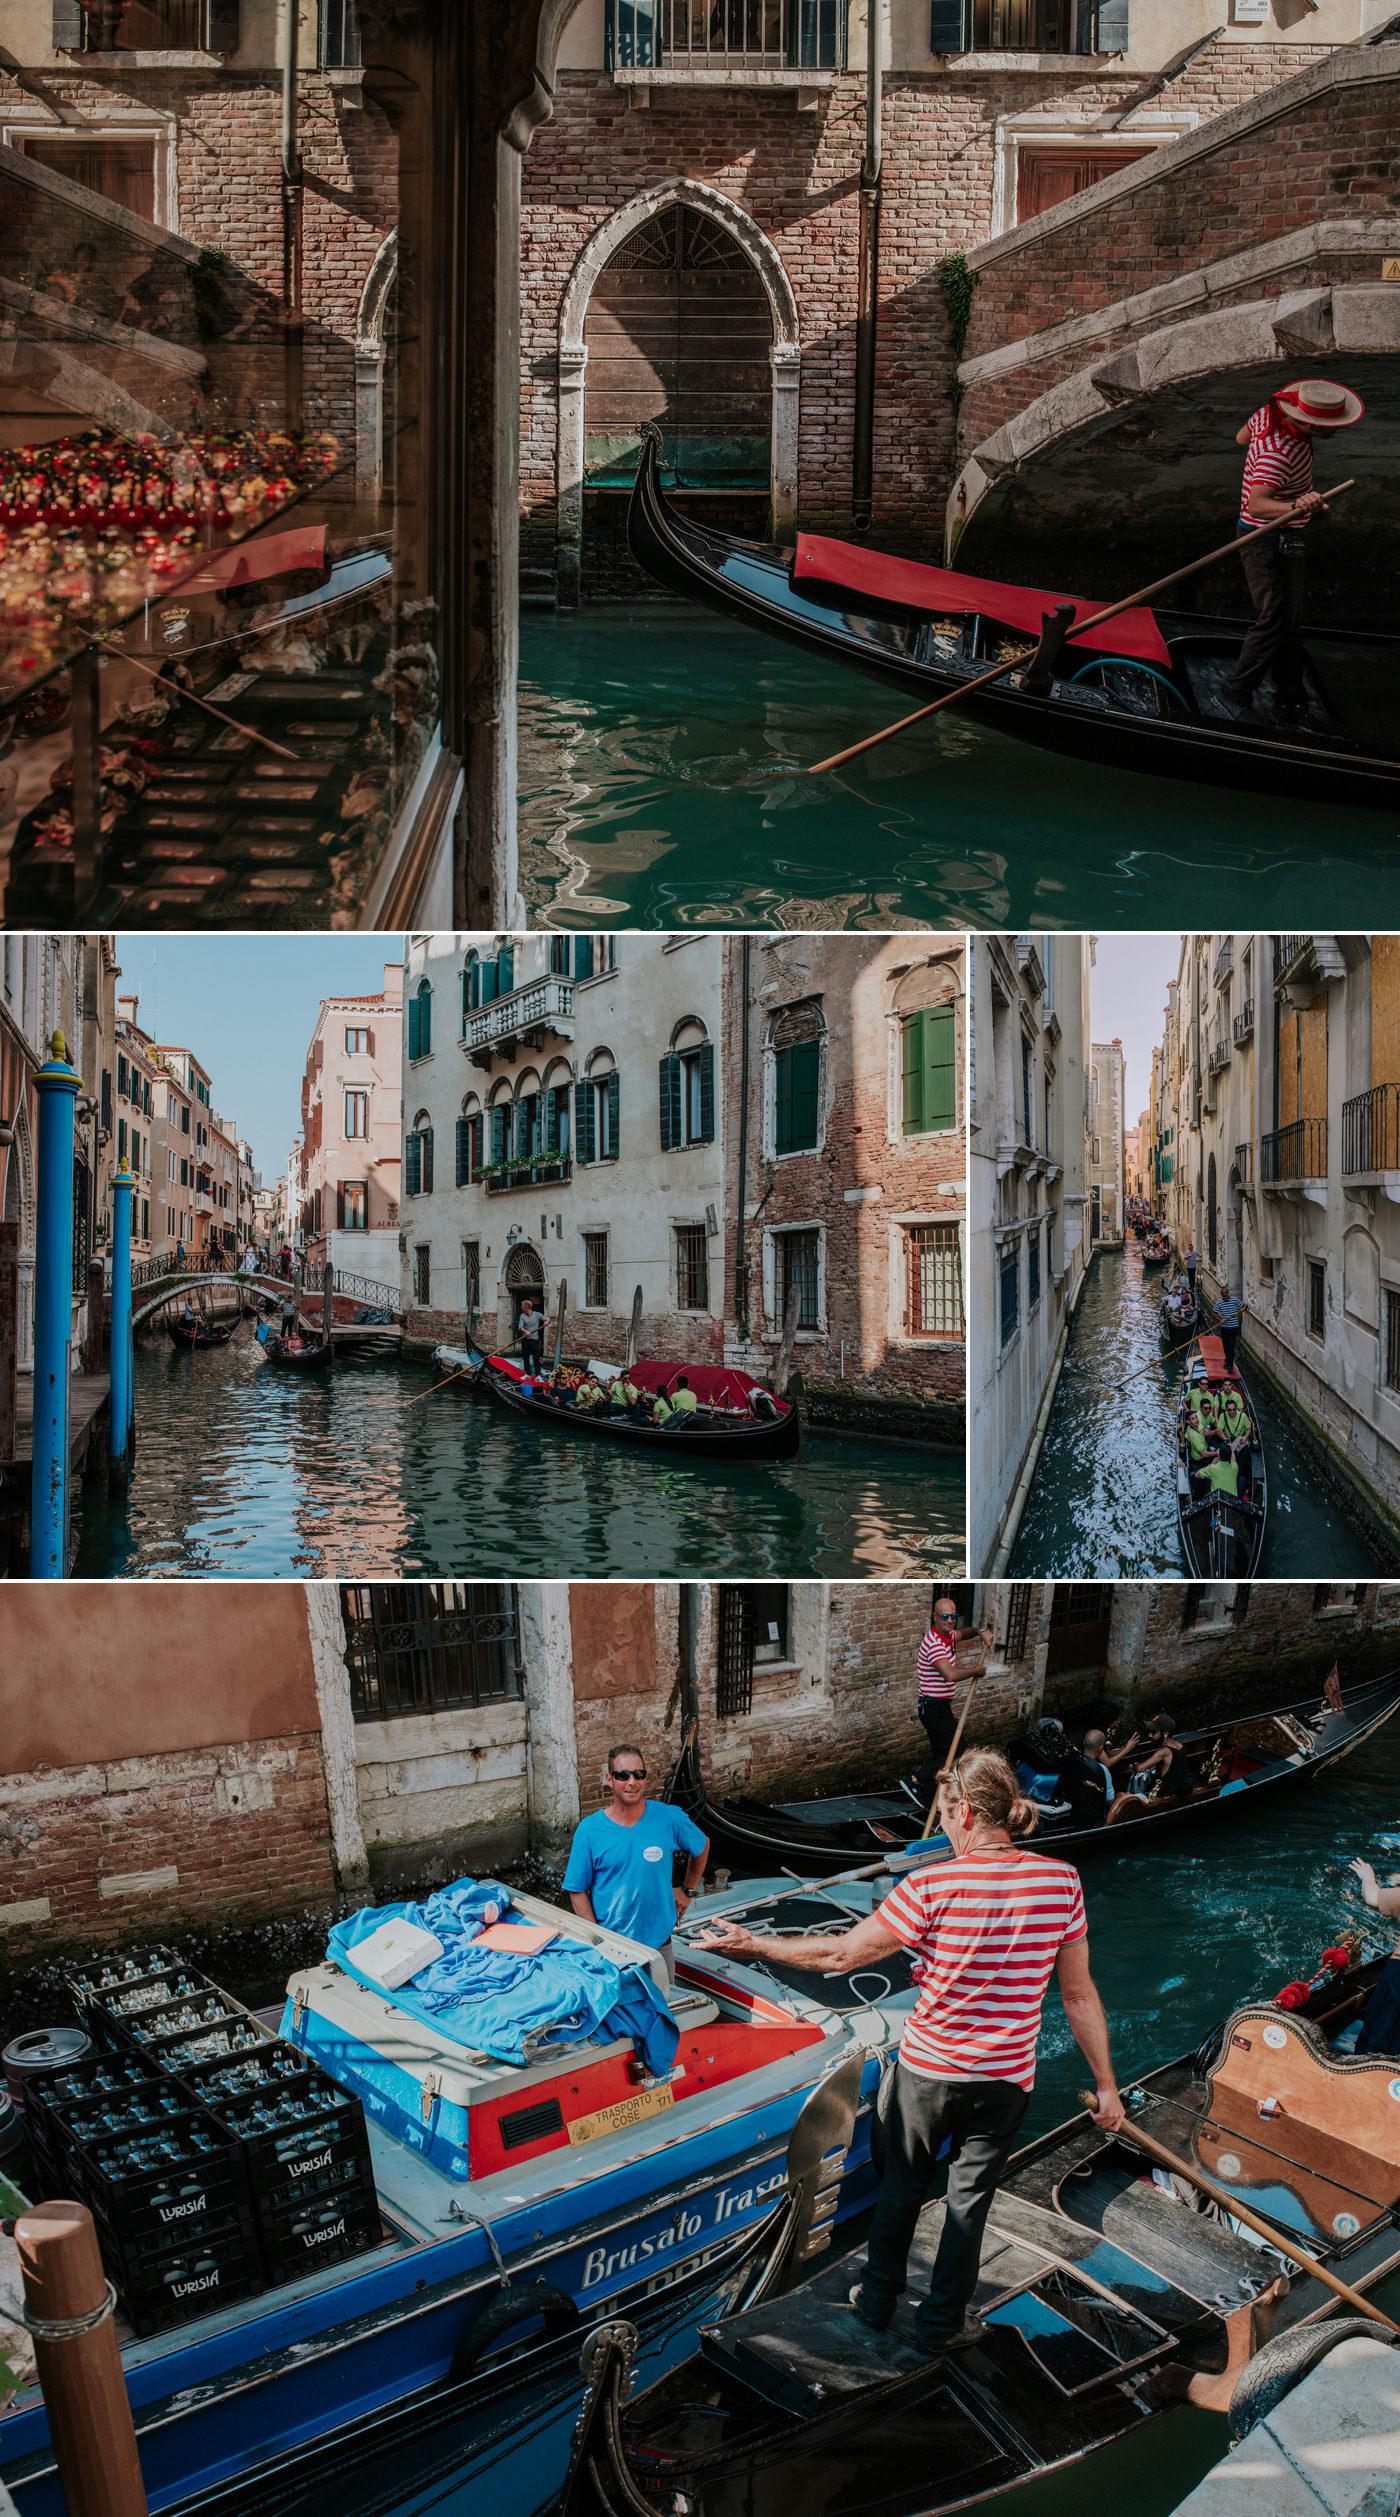 Venice_by_Piotr_Glodzik13